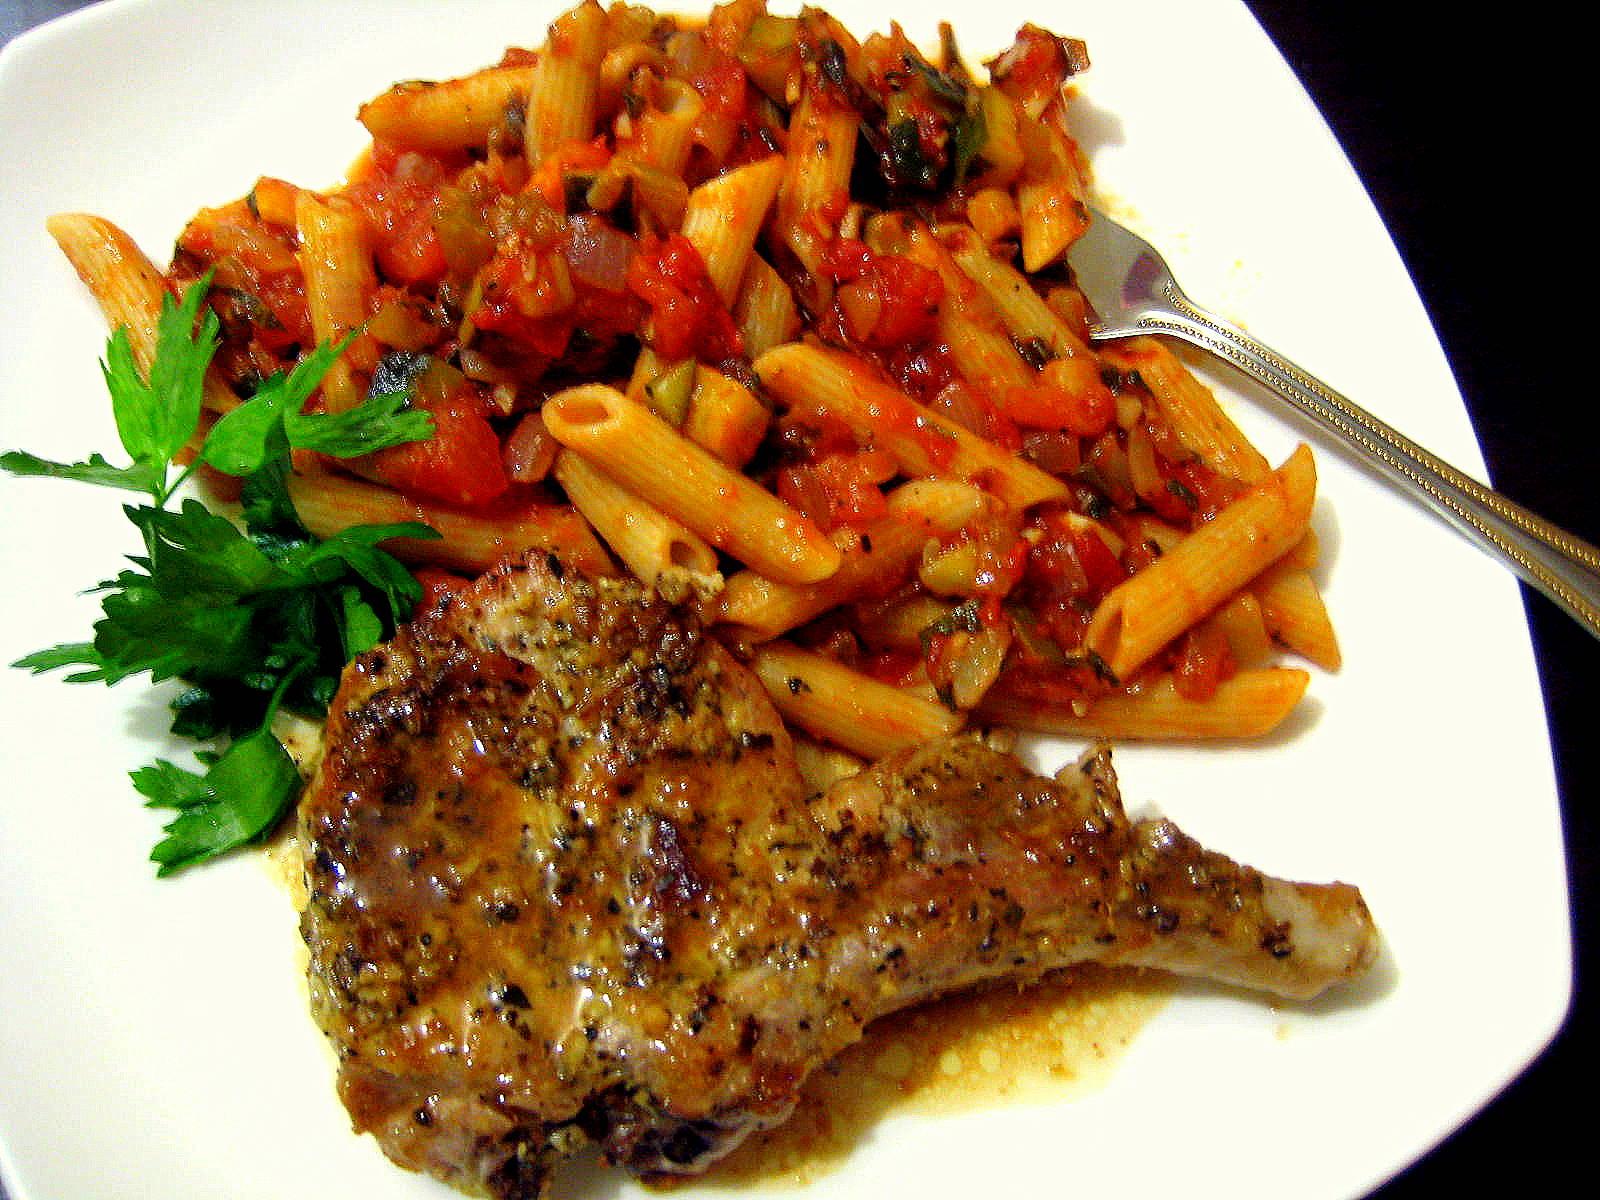 Food Tastes Yummy: GREEK-STYLE PORK CHOPS